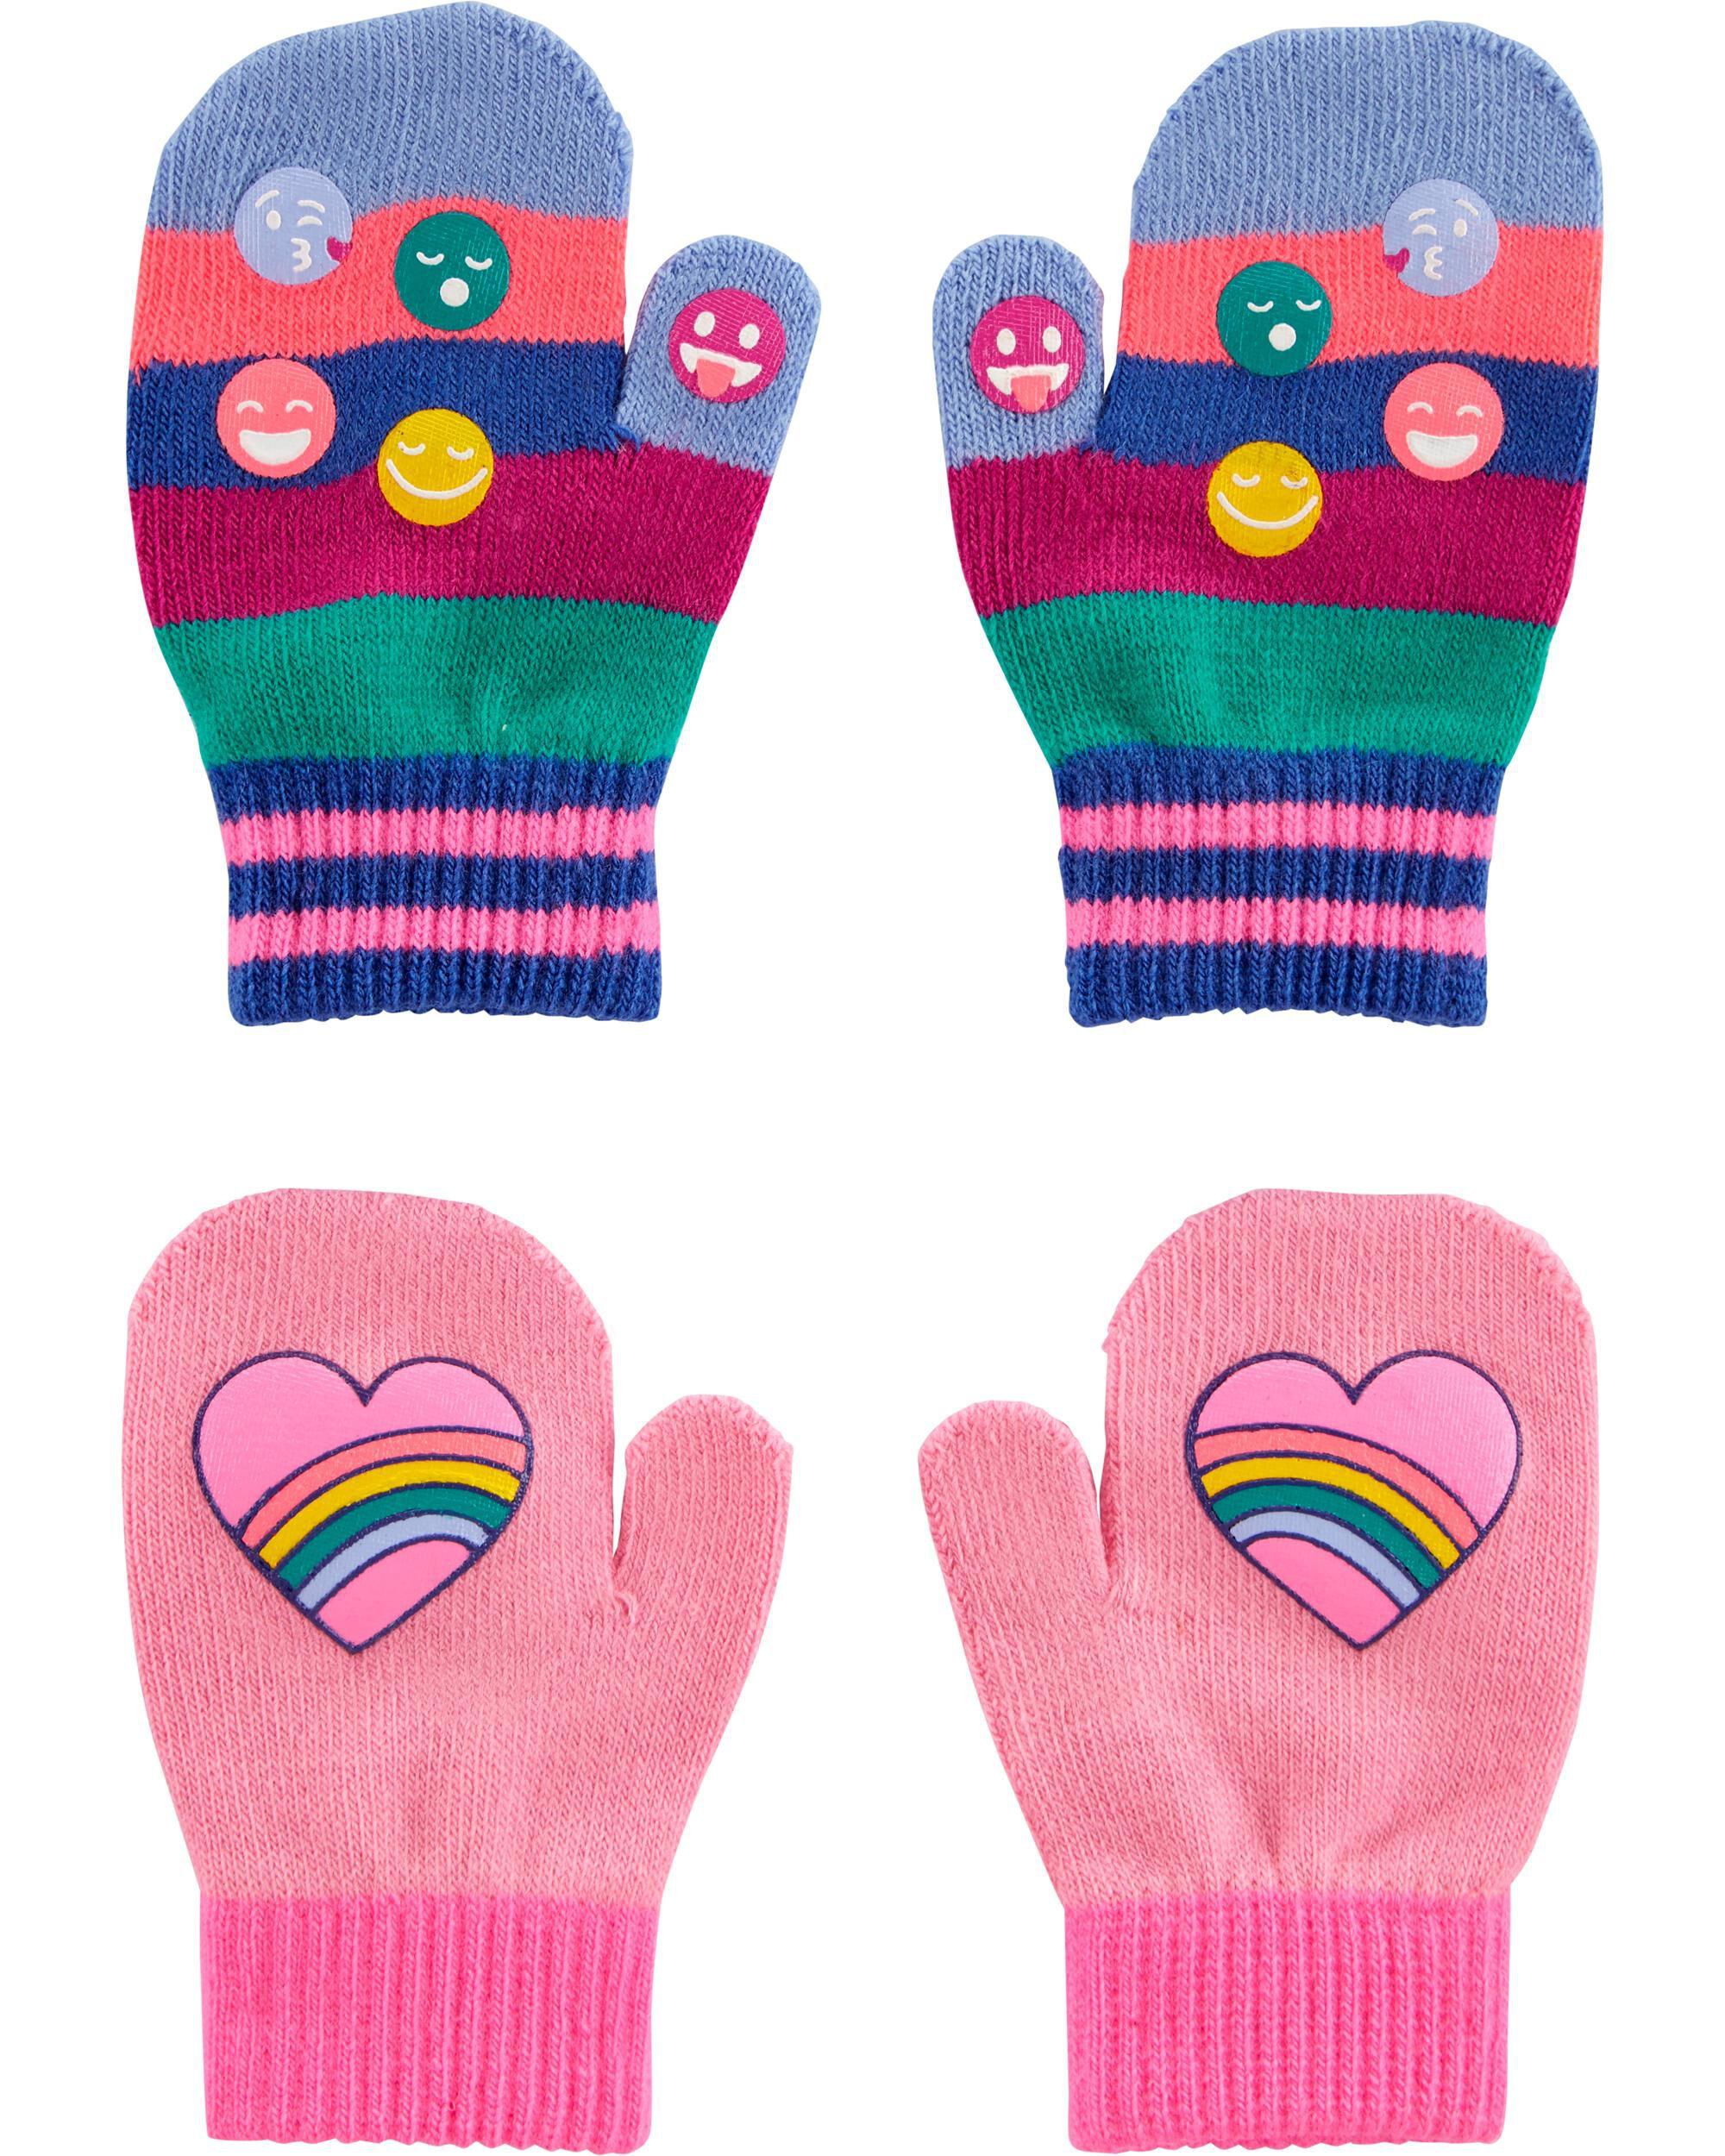 *DOORBUSTER* 2-Pack Rainbow Mittens